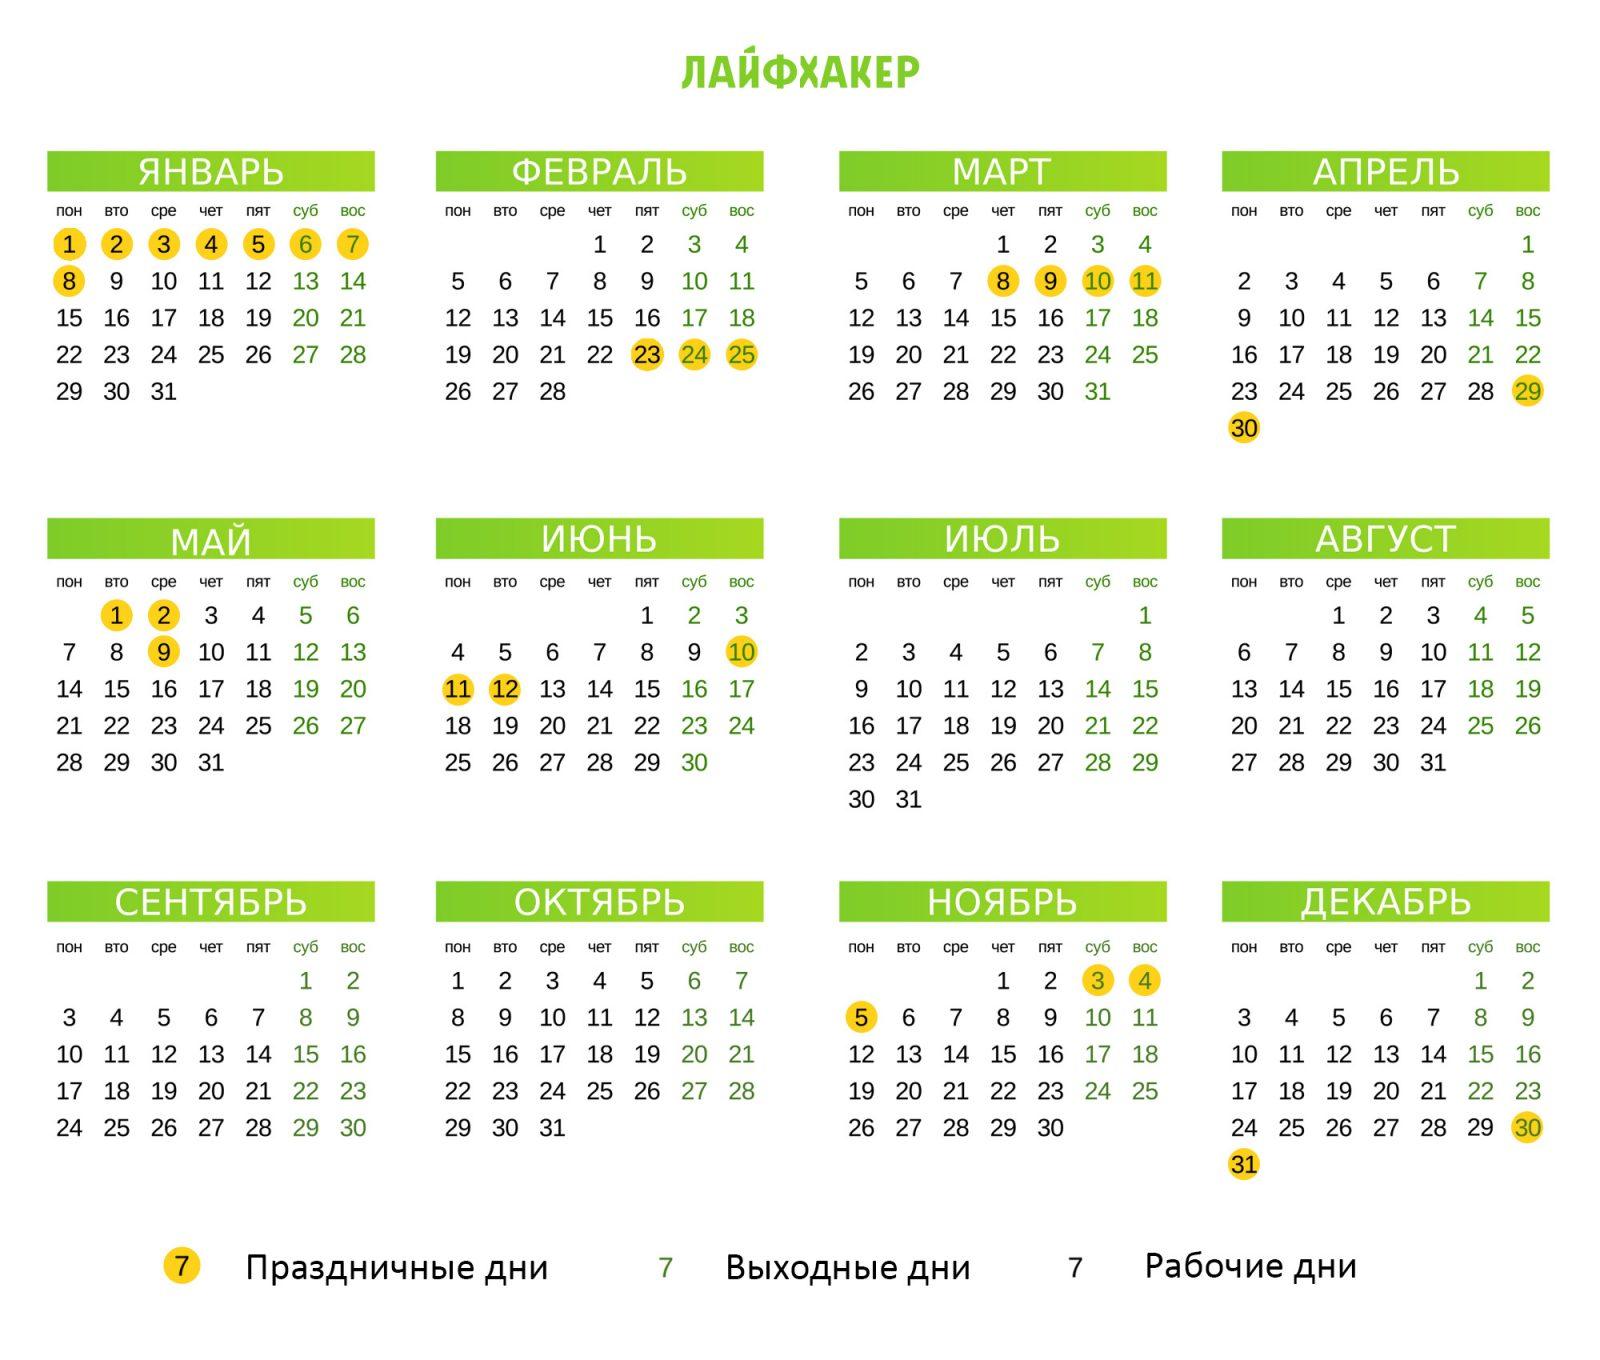 Дмитрий Марьянов - фильмография - российские актёры - Кино